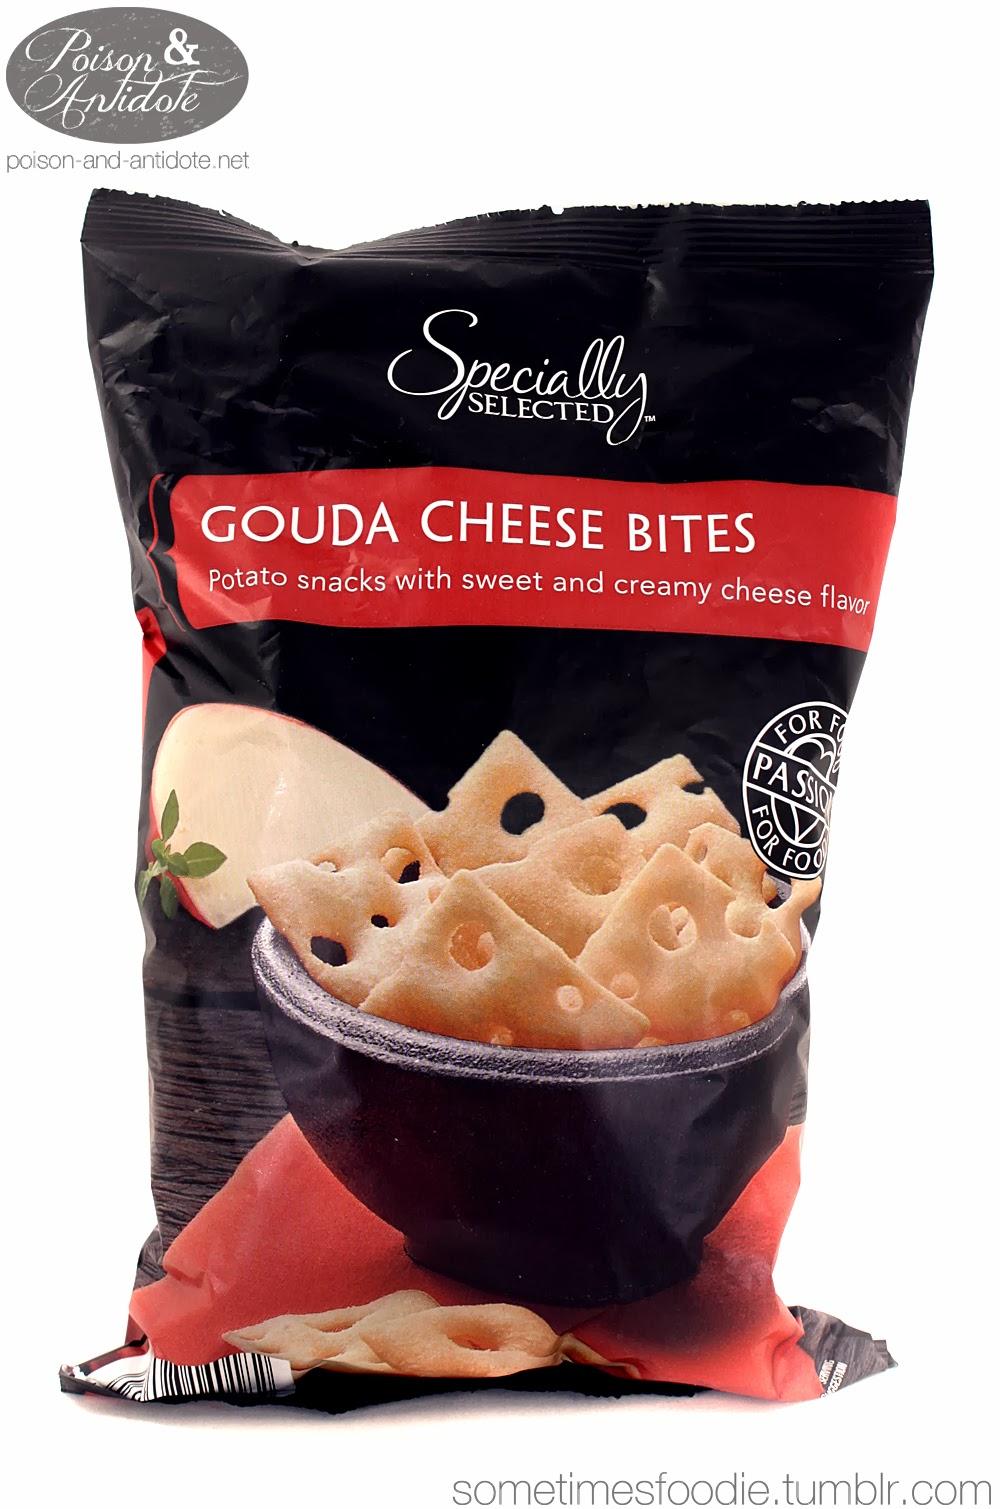 Sometimes Foodie: Gouda Cheese Bites - Aldi: Moorestown, NJ